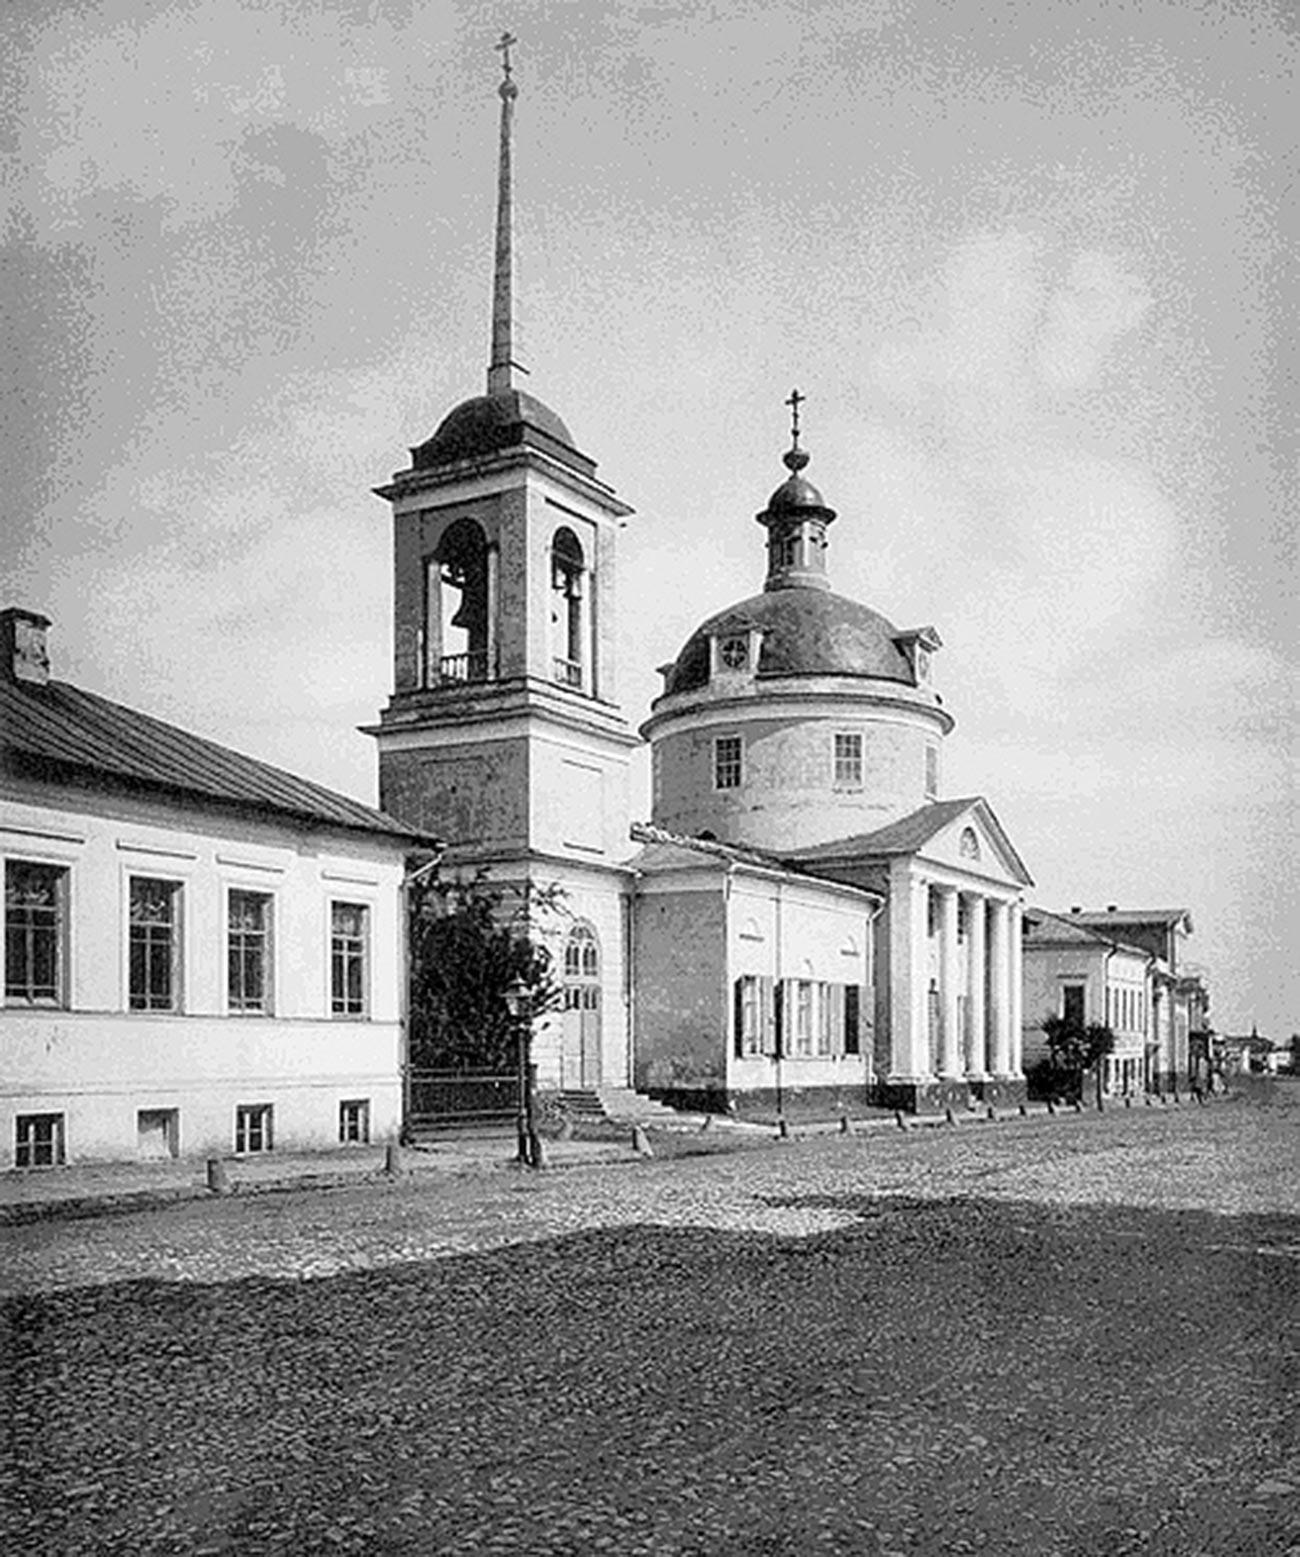 Glavno pročelje cerkve Borisa in Gleba na Povarski, 1882